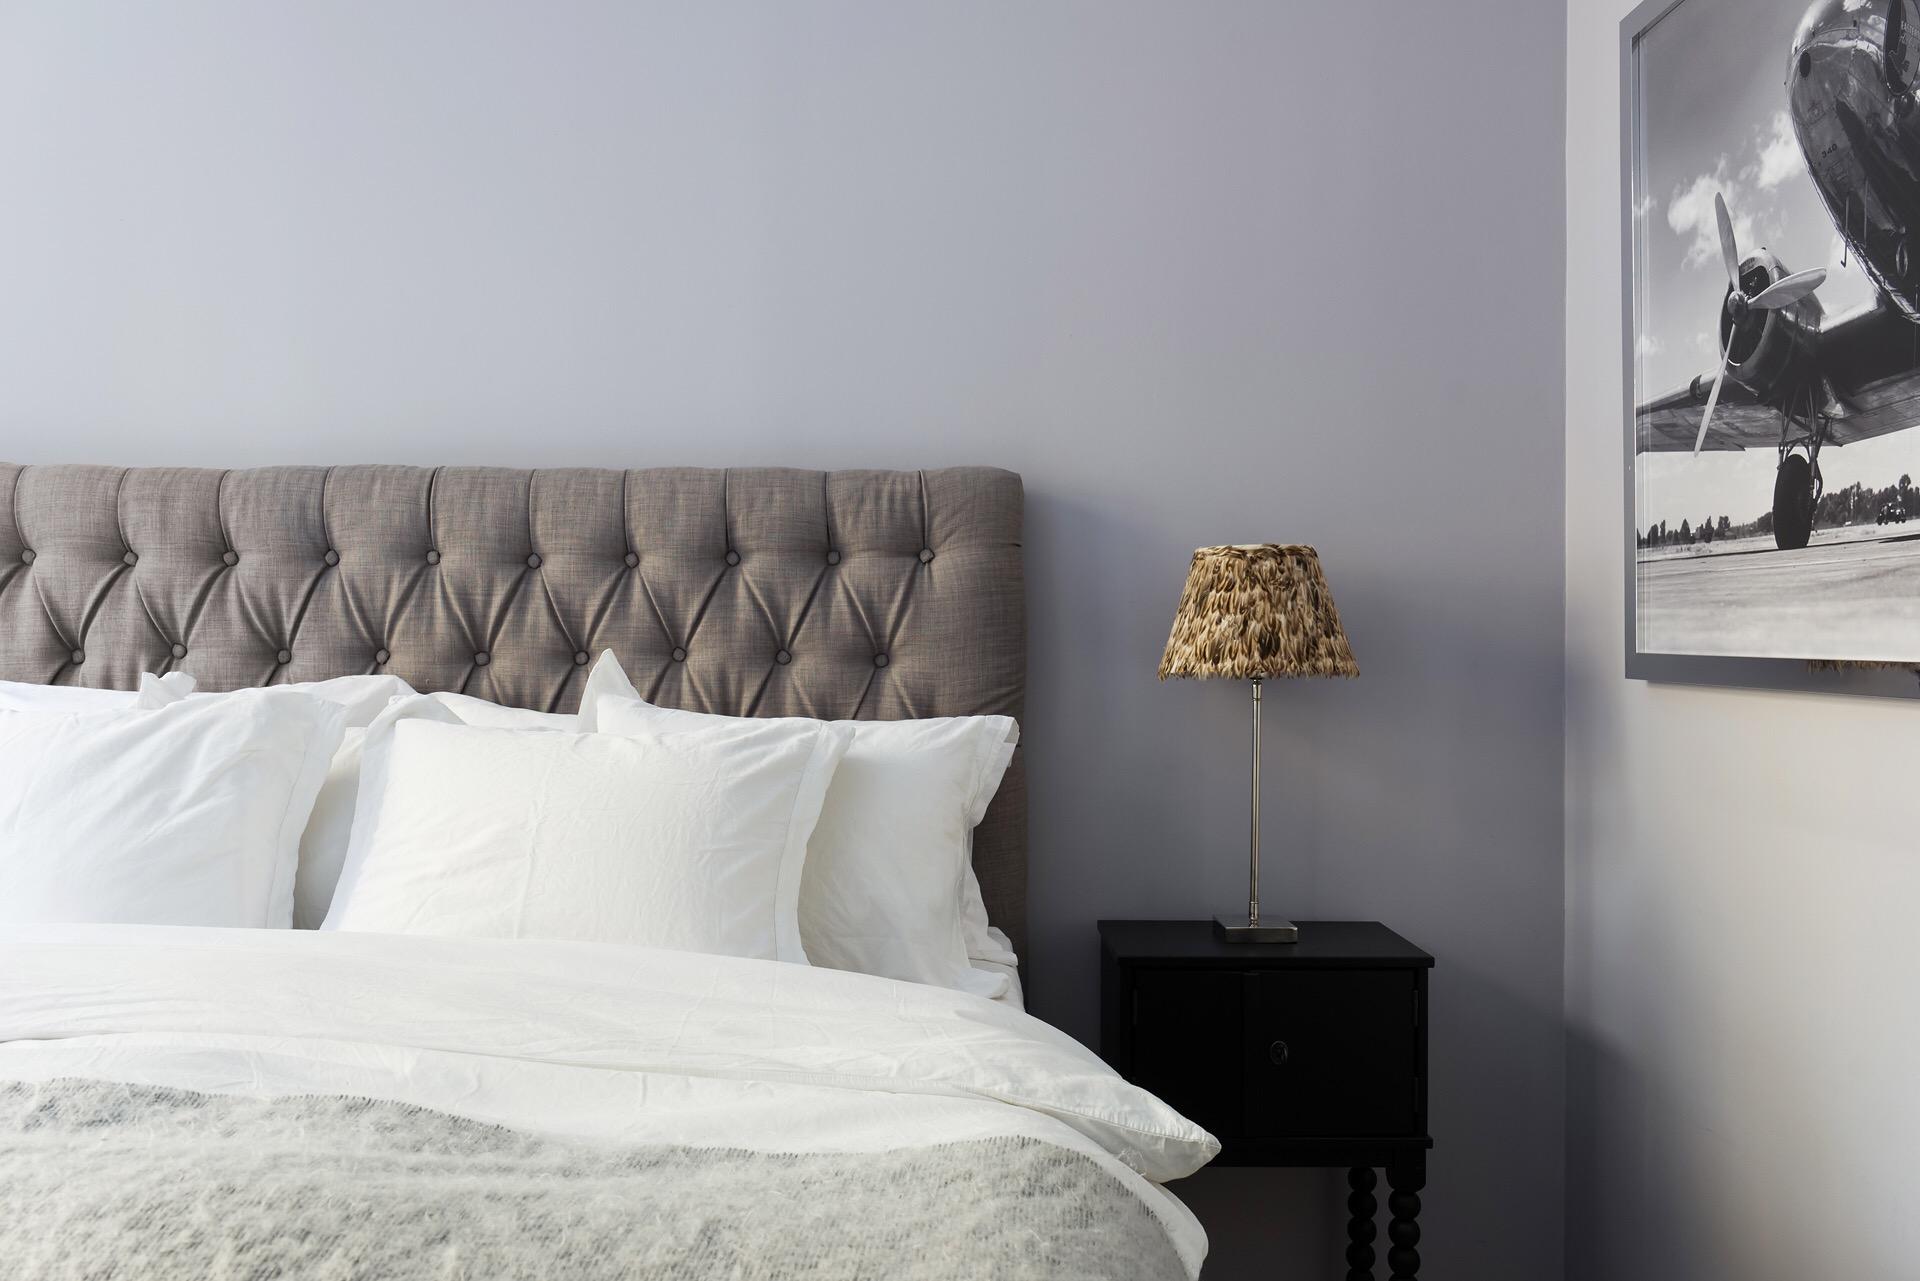 спальня кровать изголовье с утяжками подушки прикроватные тумбы лампы картина постер